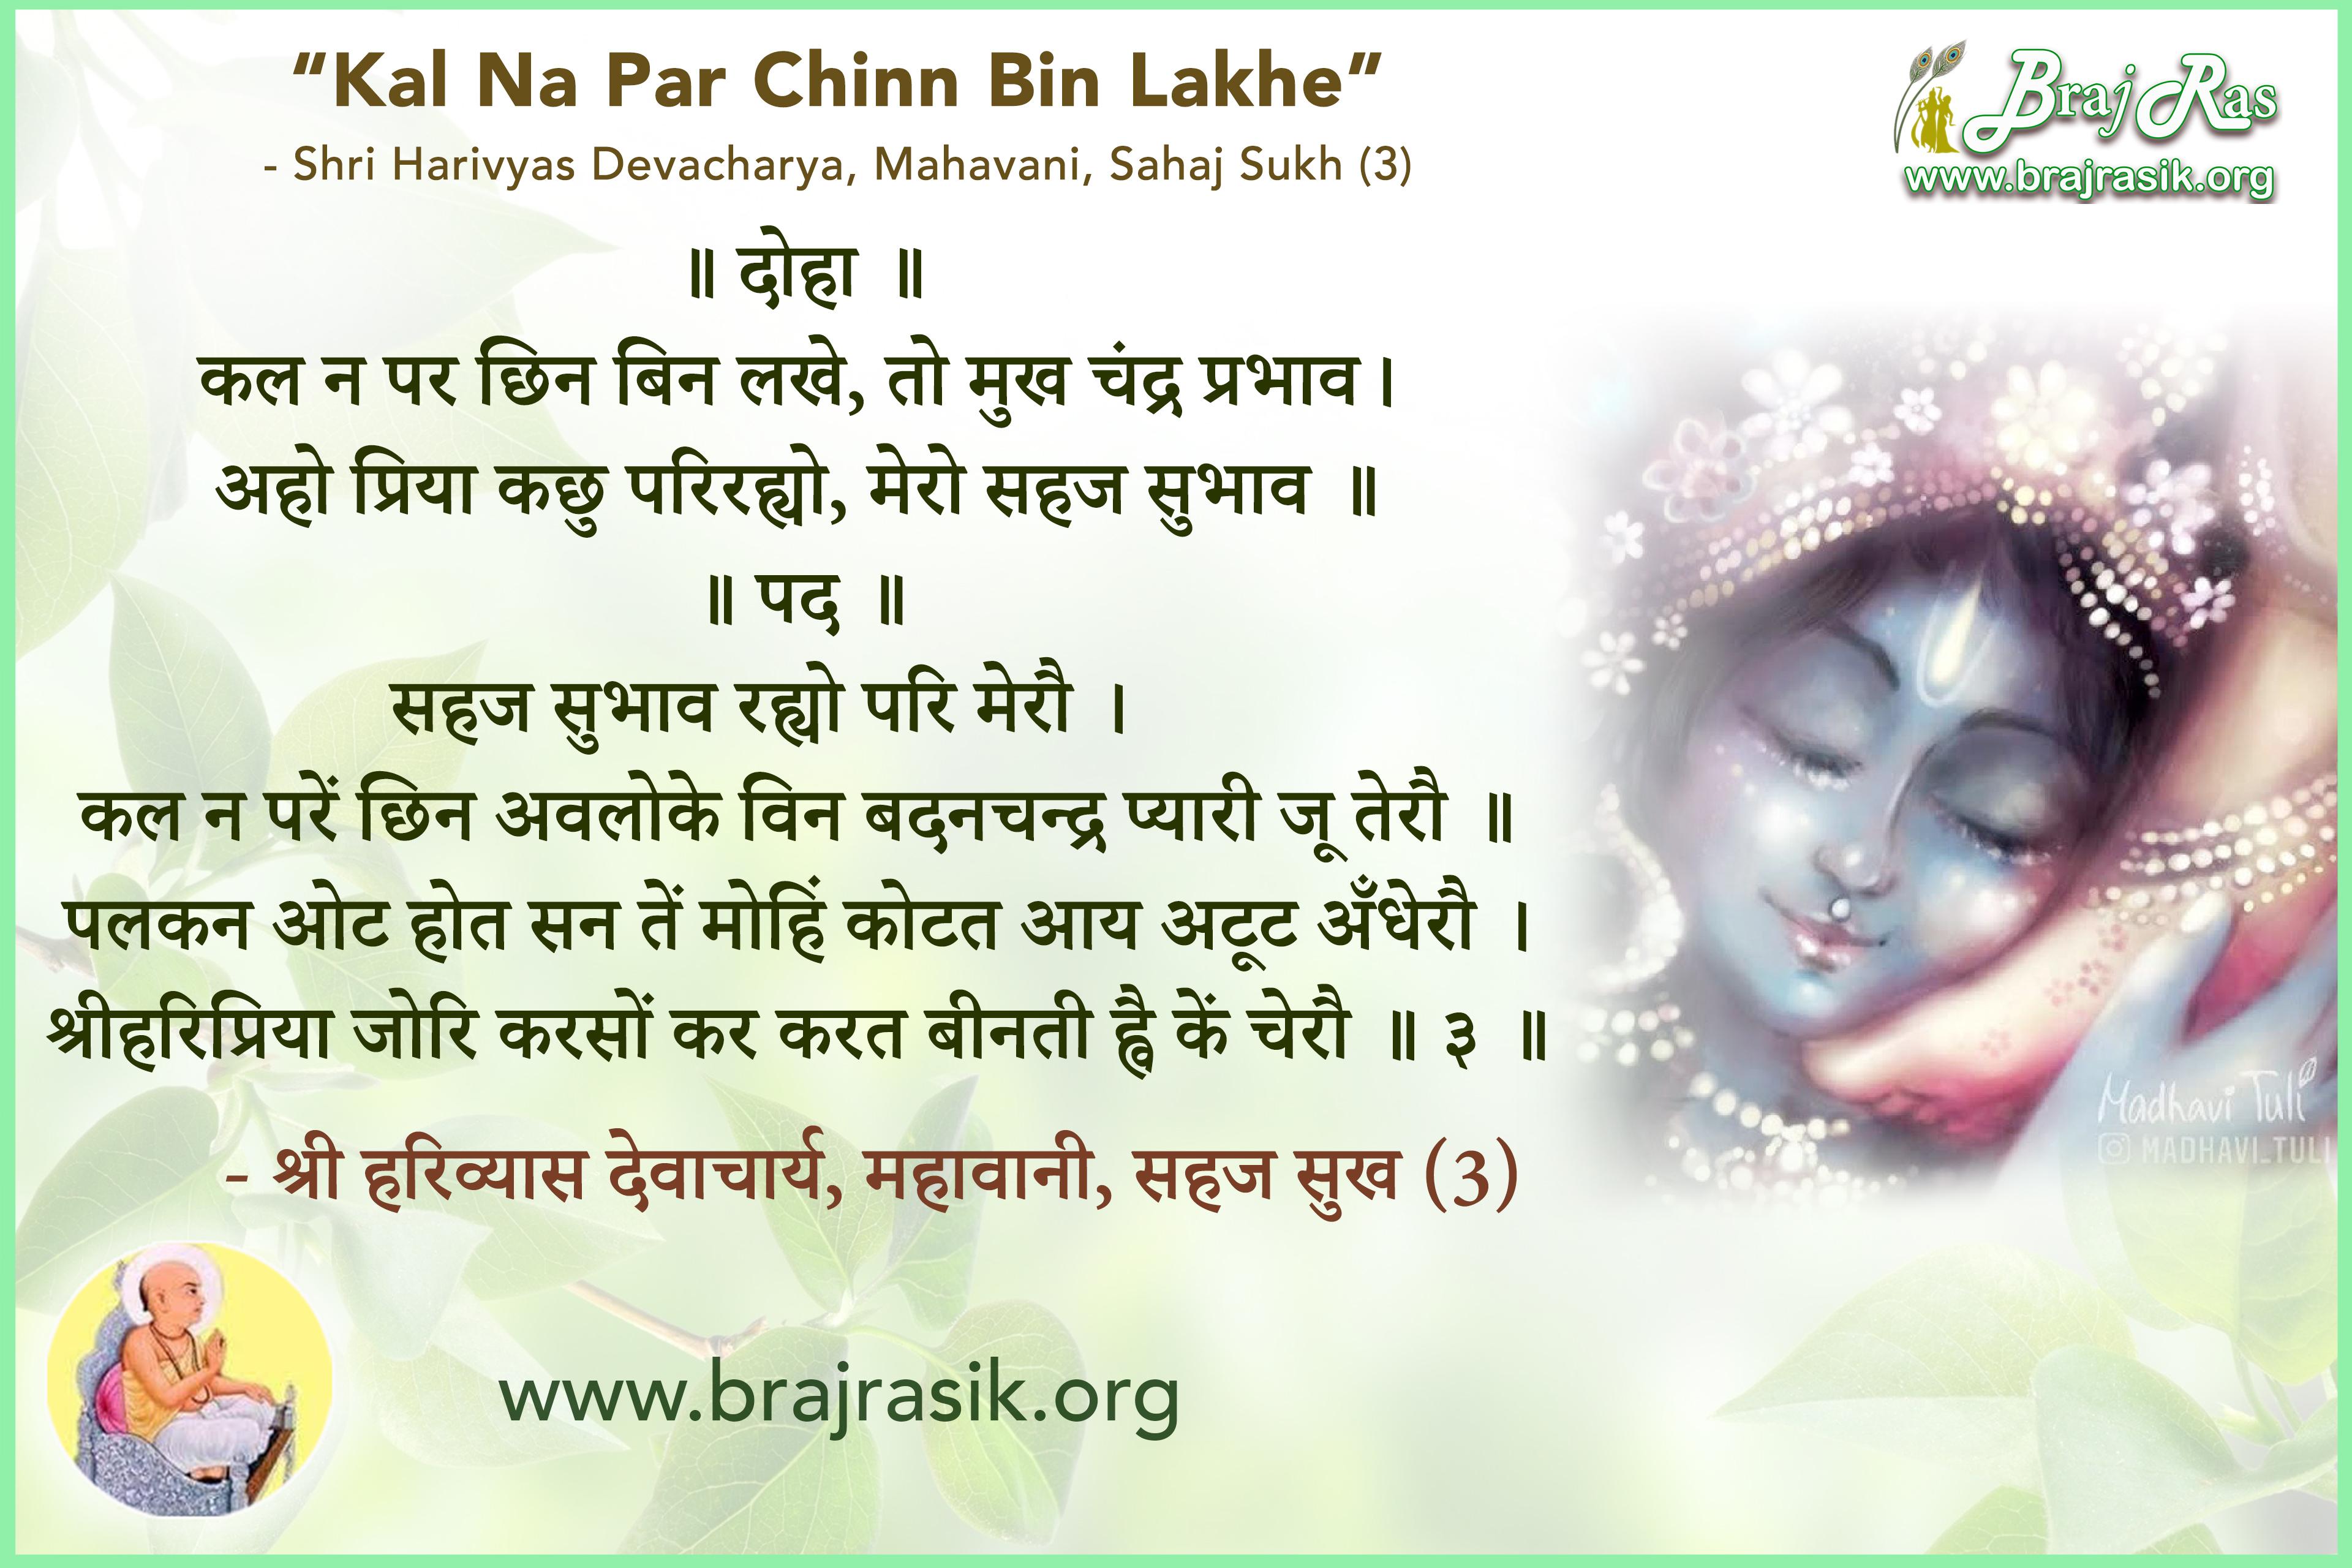 Kal Na Par Chinn Bin Lakhe - Shri Harivyas Devacharya, Mahavani, Sahaj Sukh (3)